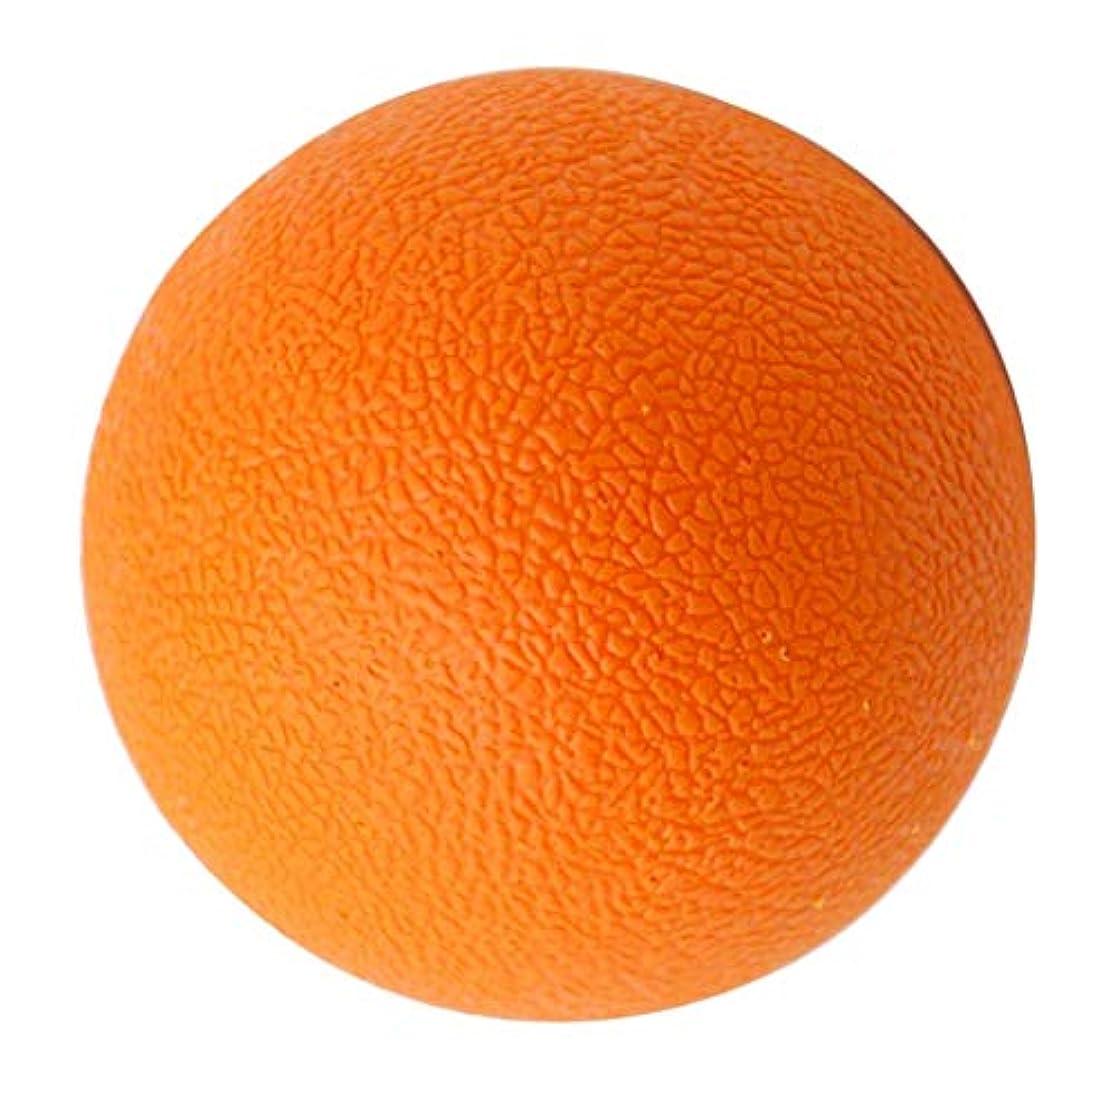 反動耳台風CUTICATE ラクロスボール マッサージボール トリガーポイント 筋膜リリース 腕、首、背中 解消 オレンジ